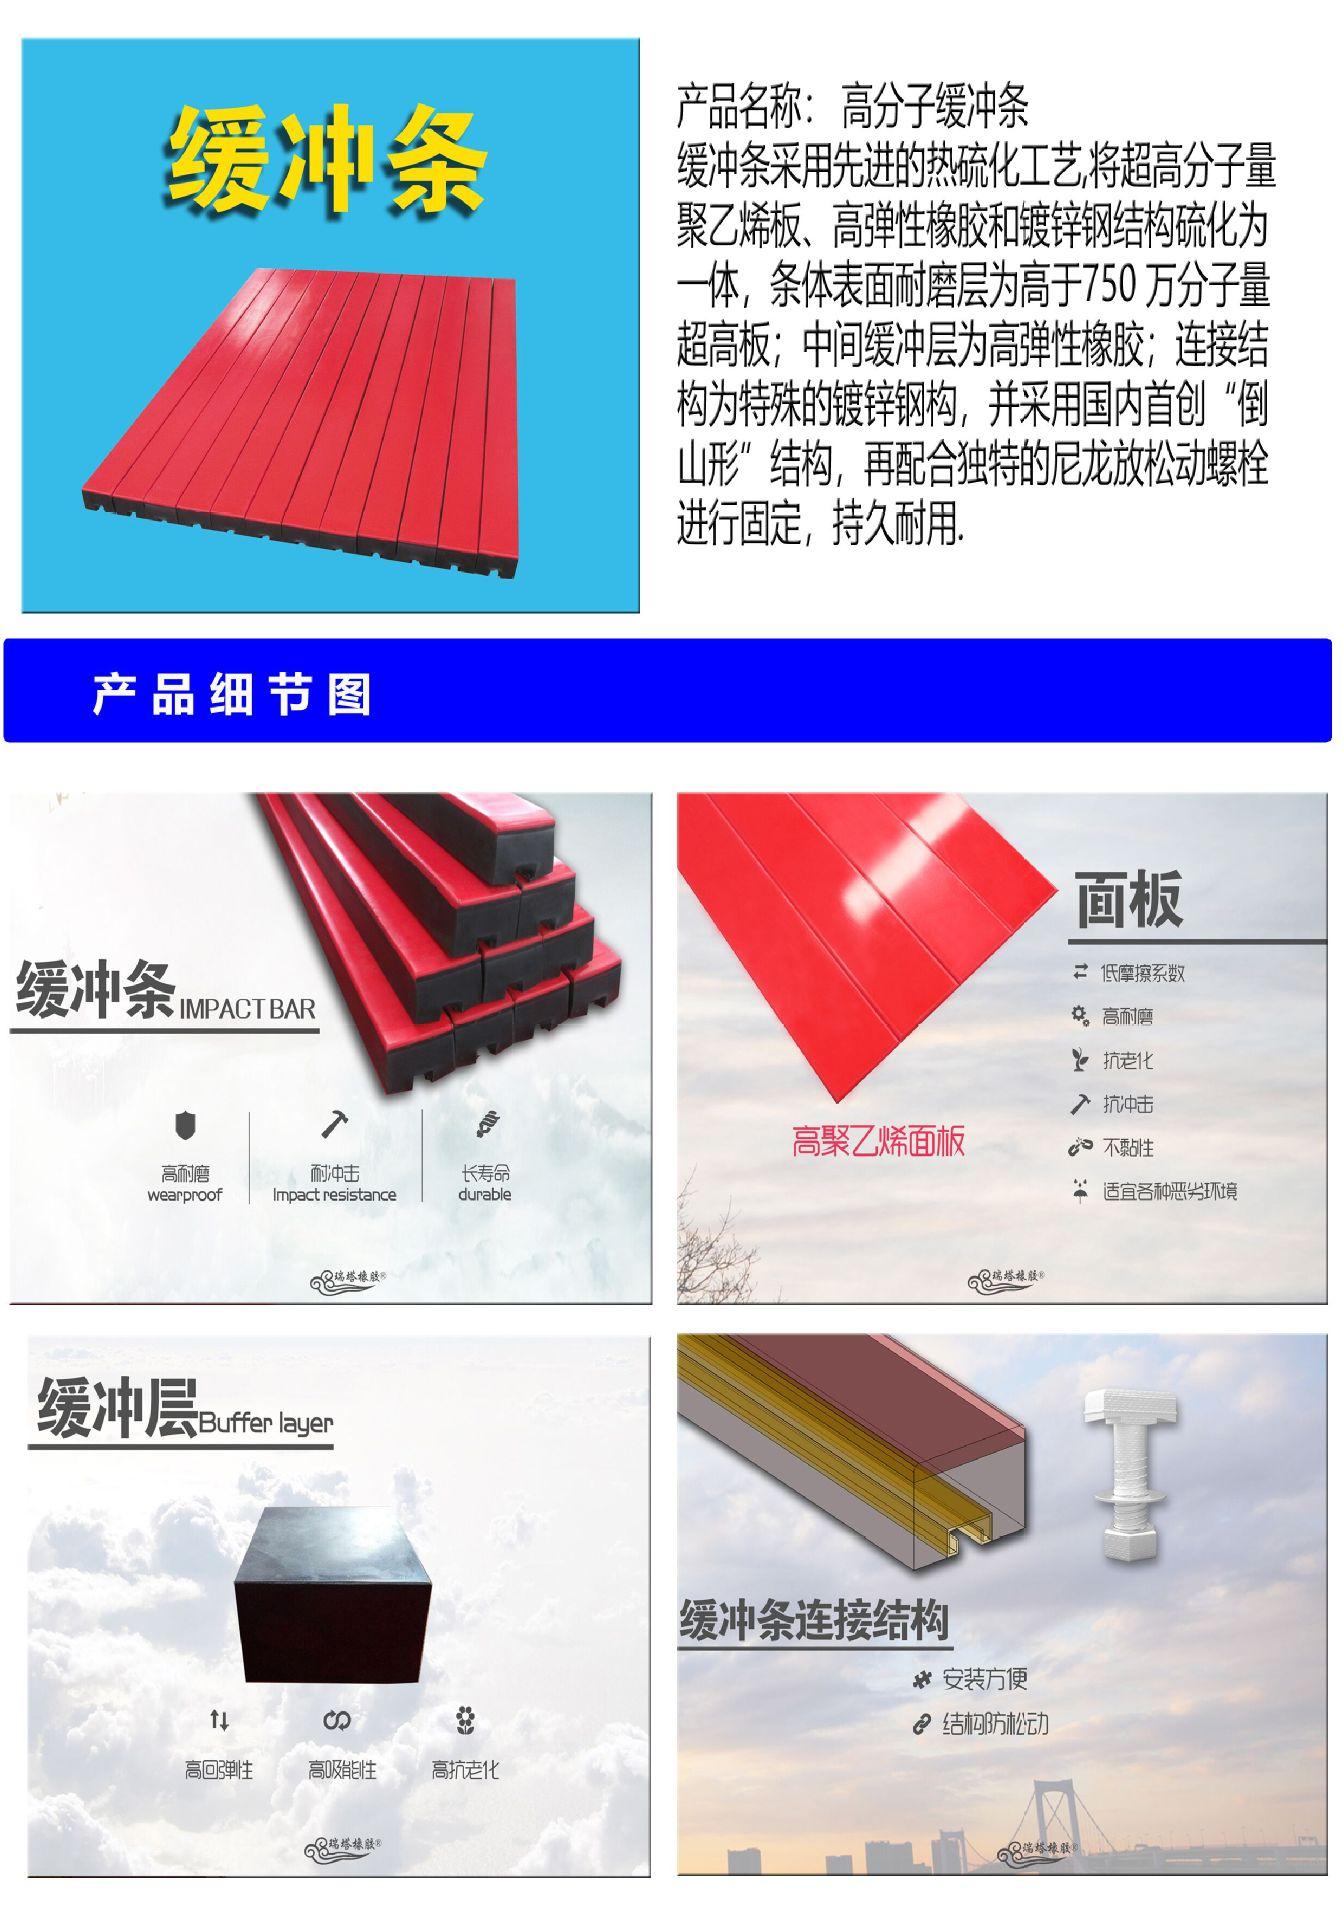 甘肃 山西 内蒙古内蒙古电厂专供耐磨型缓冲滑条 缓冲橡胶条示例图1